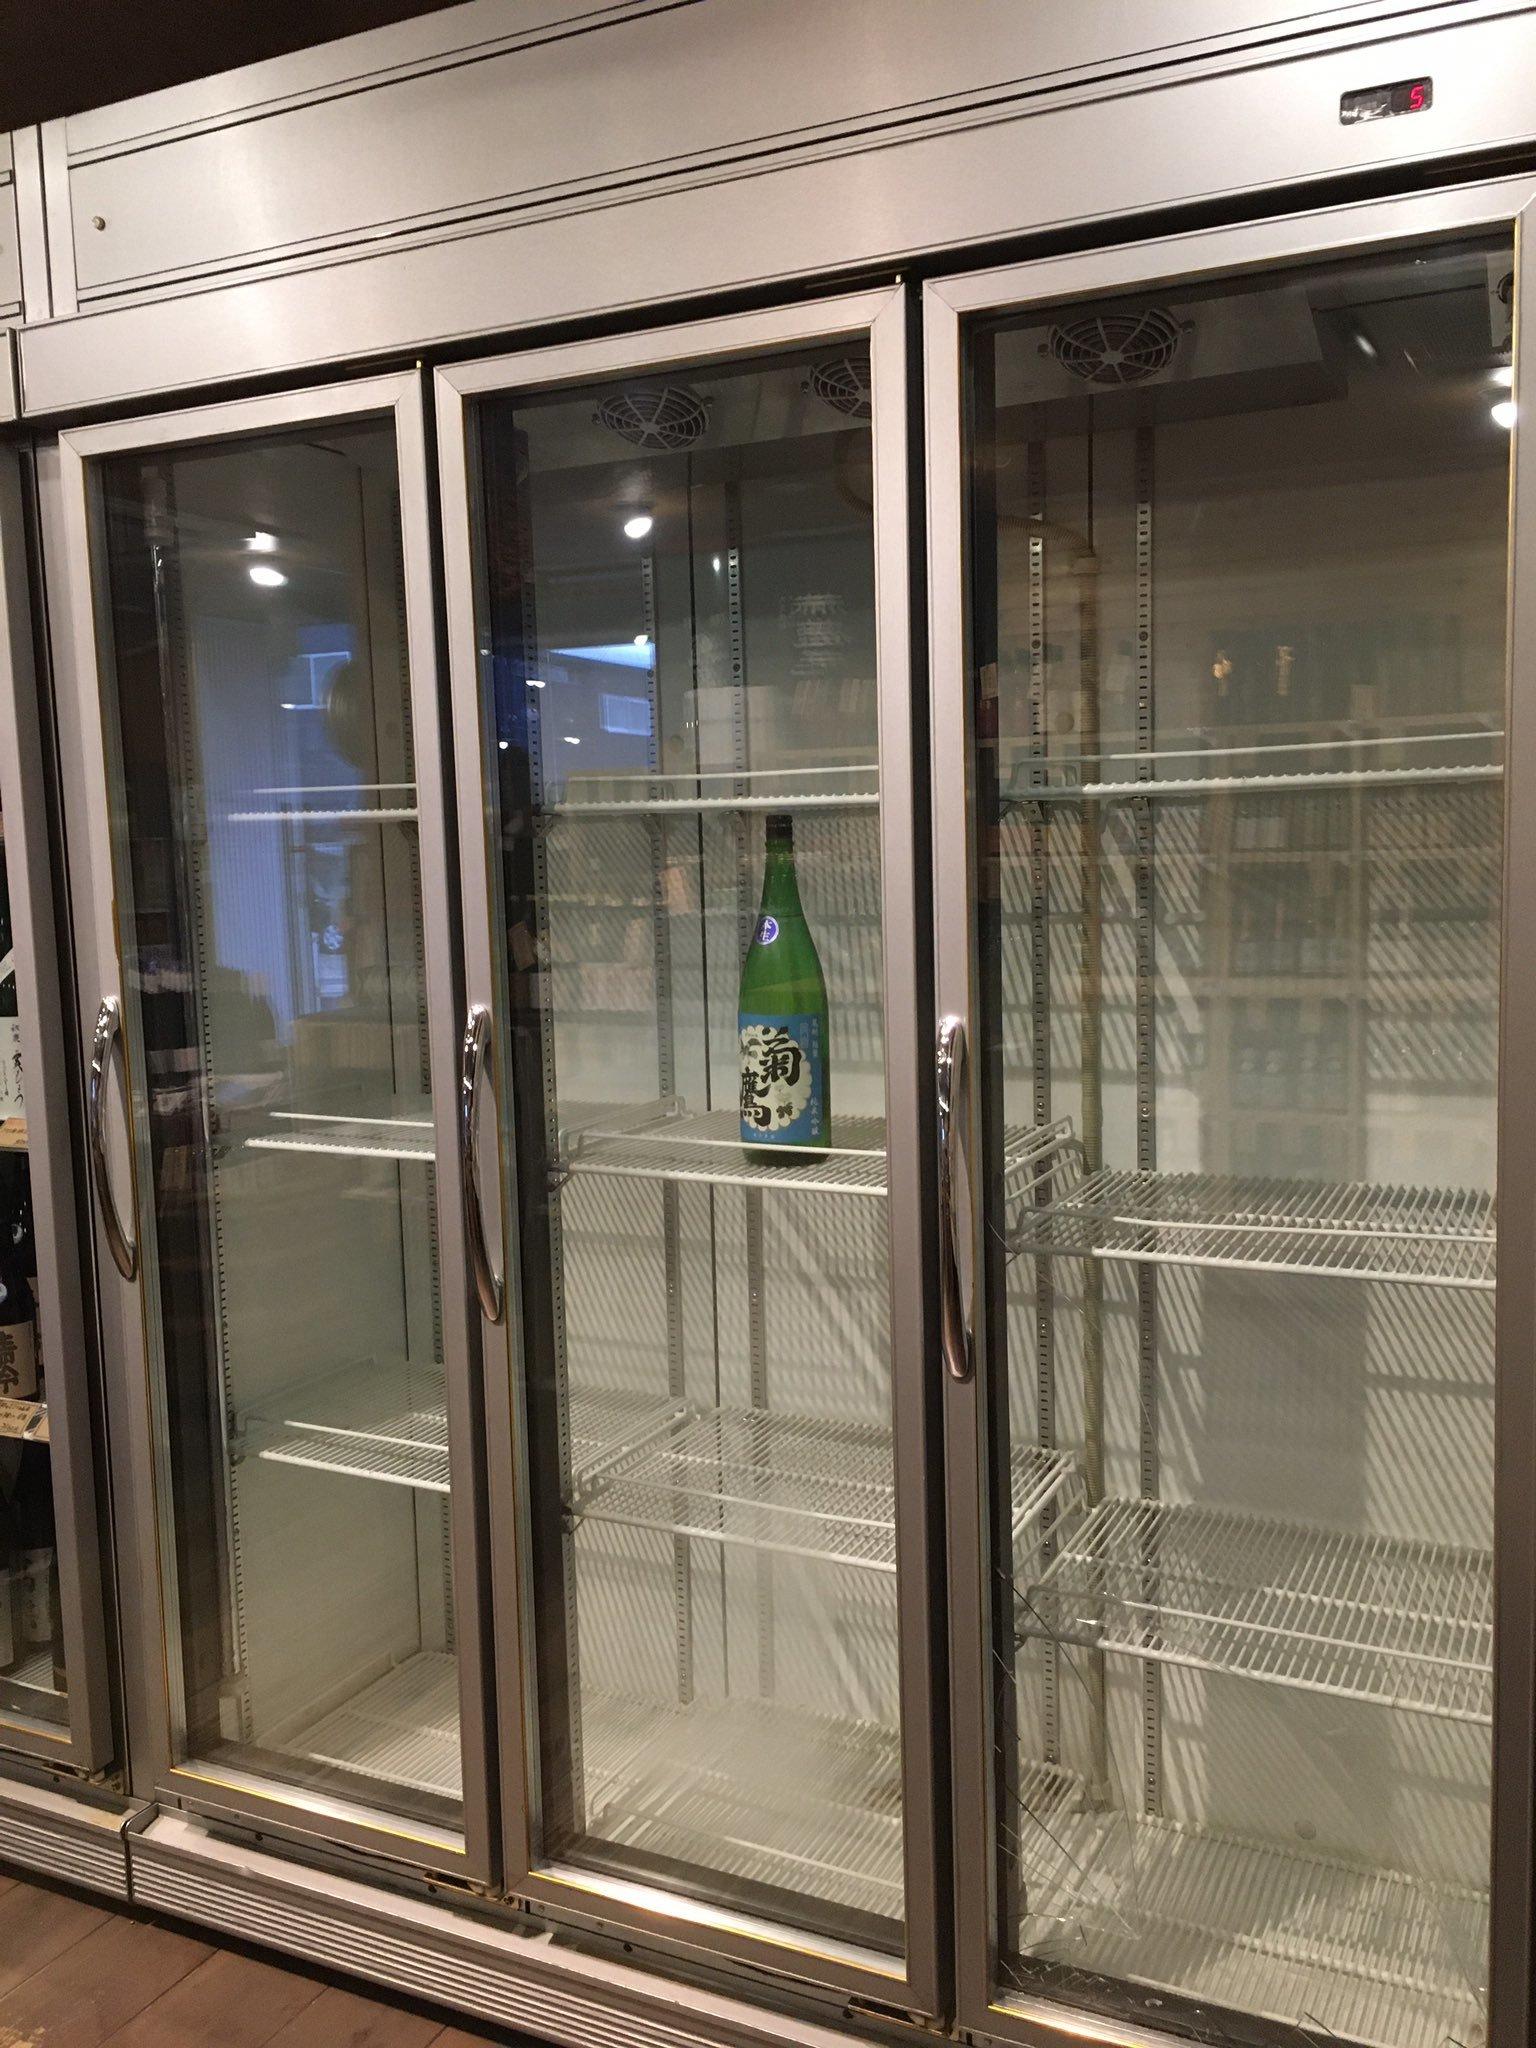 3/30(火)冷蔵庫入れ替えの為、臨時休業してます。_d0367608_16565114.jpg